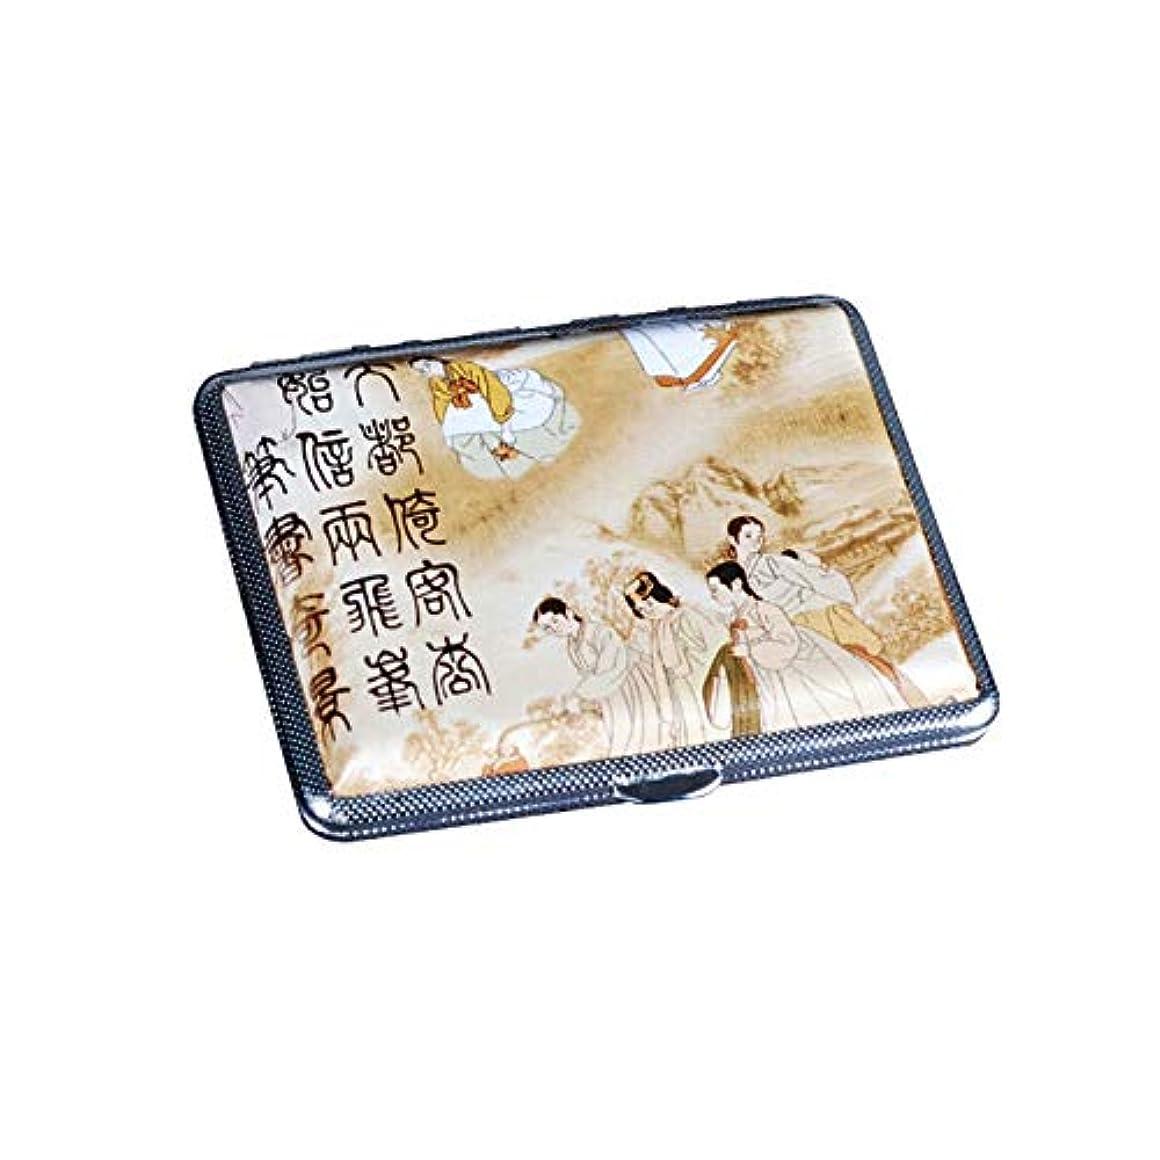 検索社交的クリア8HAOWENJU シガレットボックス、自動ビジネス統合、メンズクリエイティブレザーシガレットケース、14/16/18スティック、高品質 最新モデル (Size : 18 sticks)